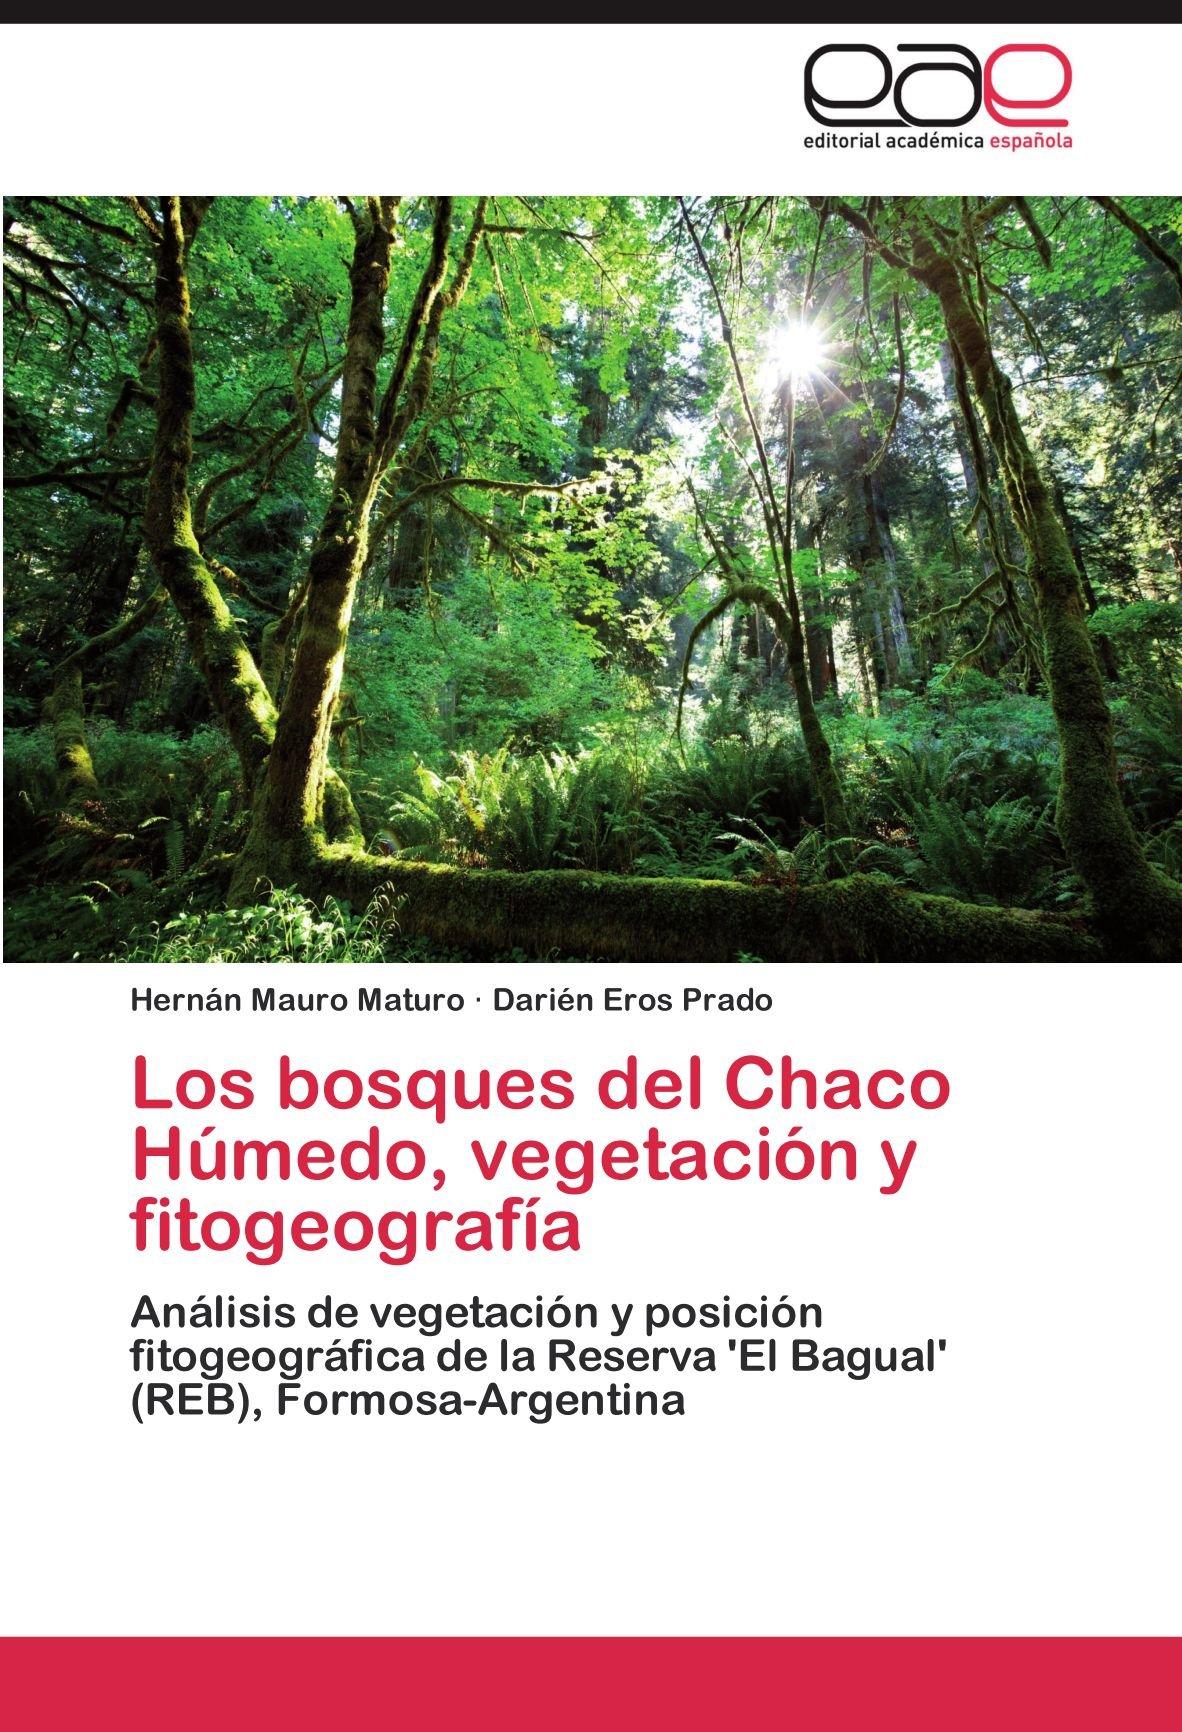 Los bosques del Chaco Húmedo, vegetación y fitogeografía: Análisis ...